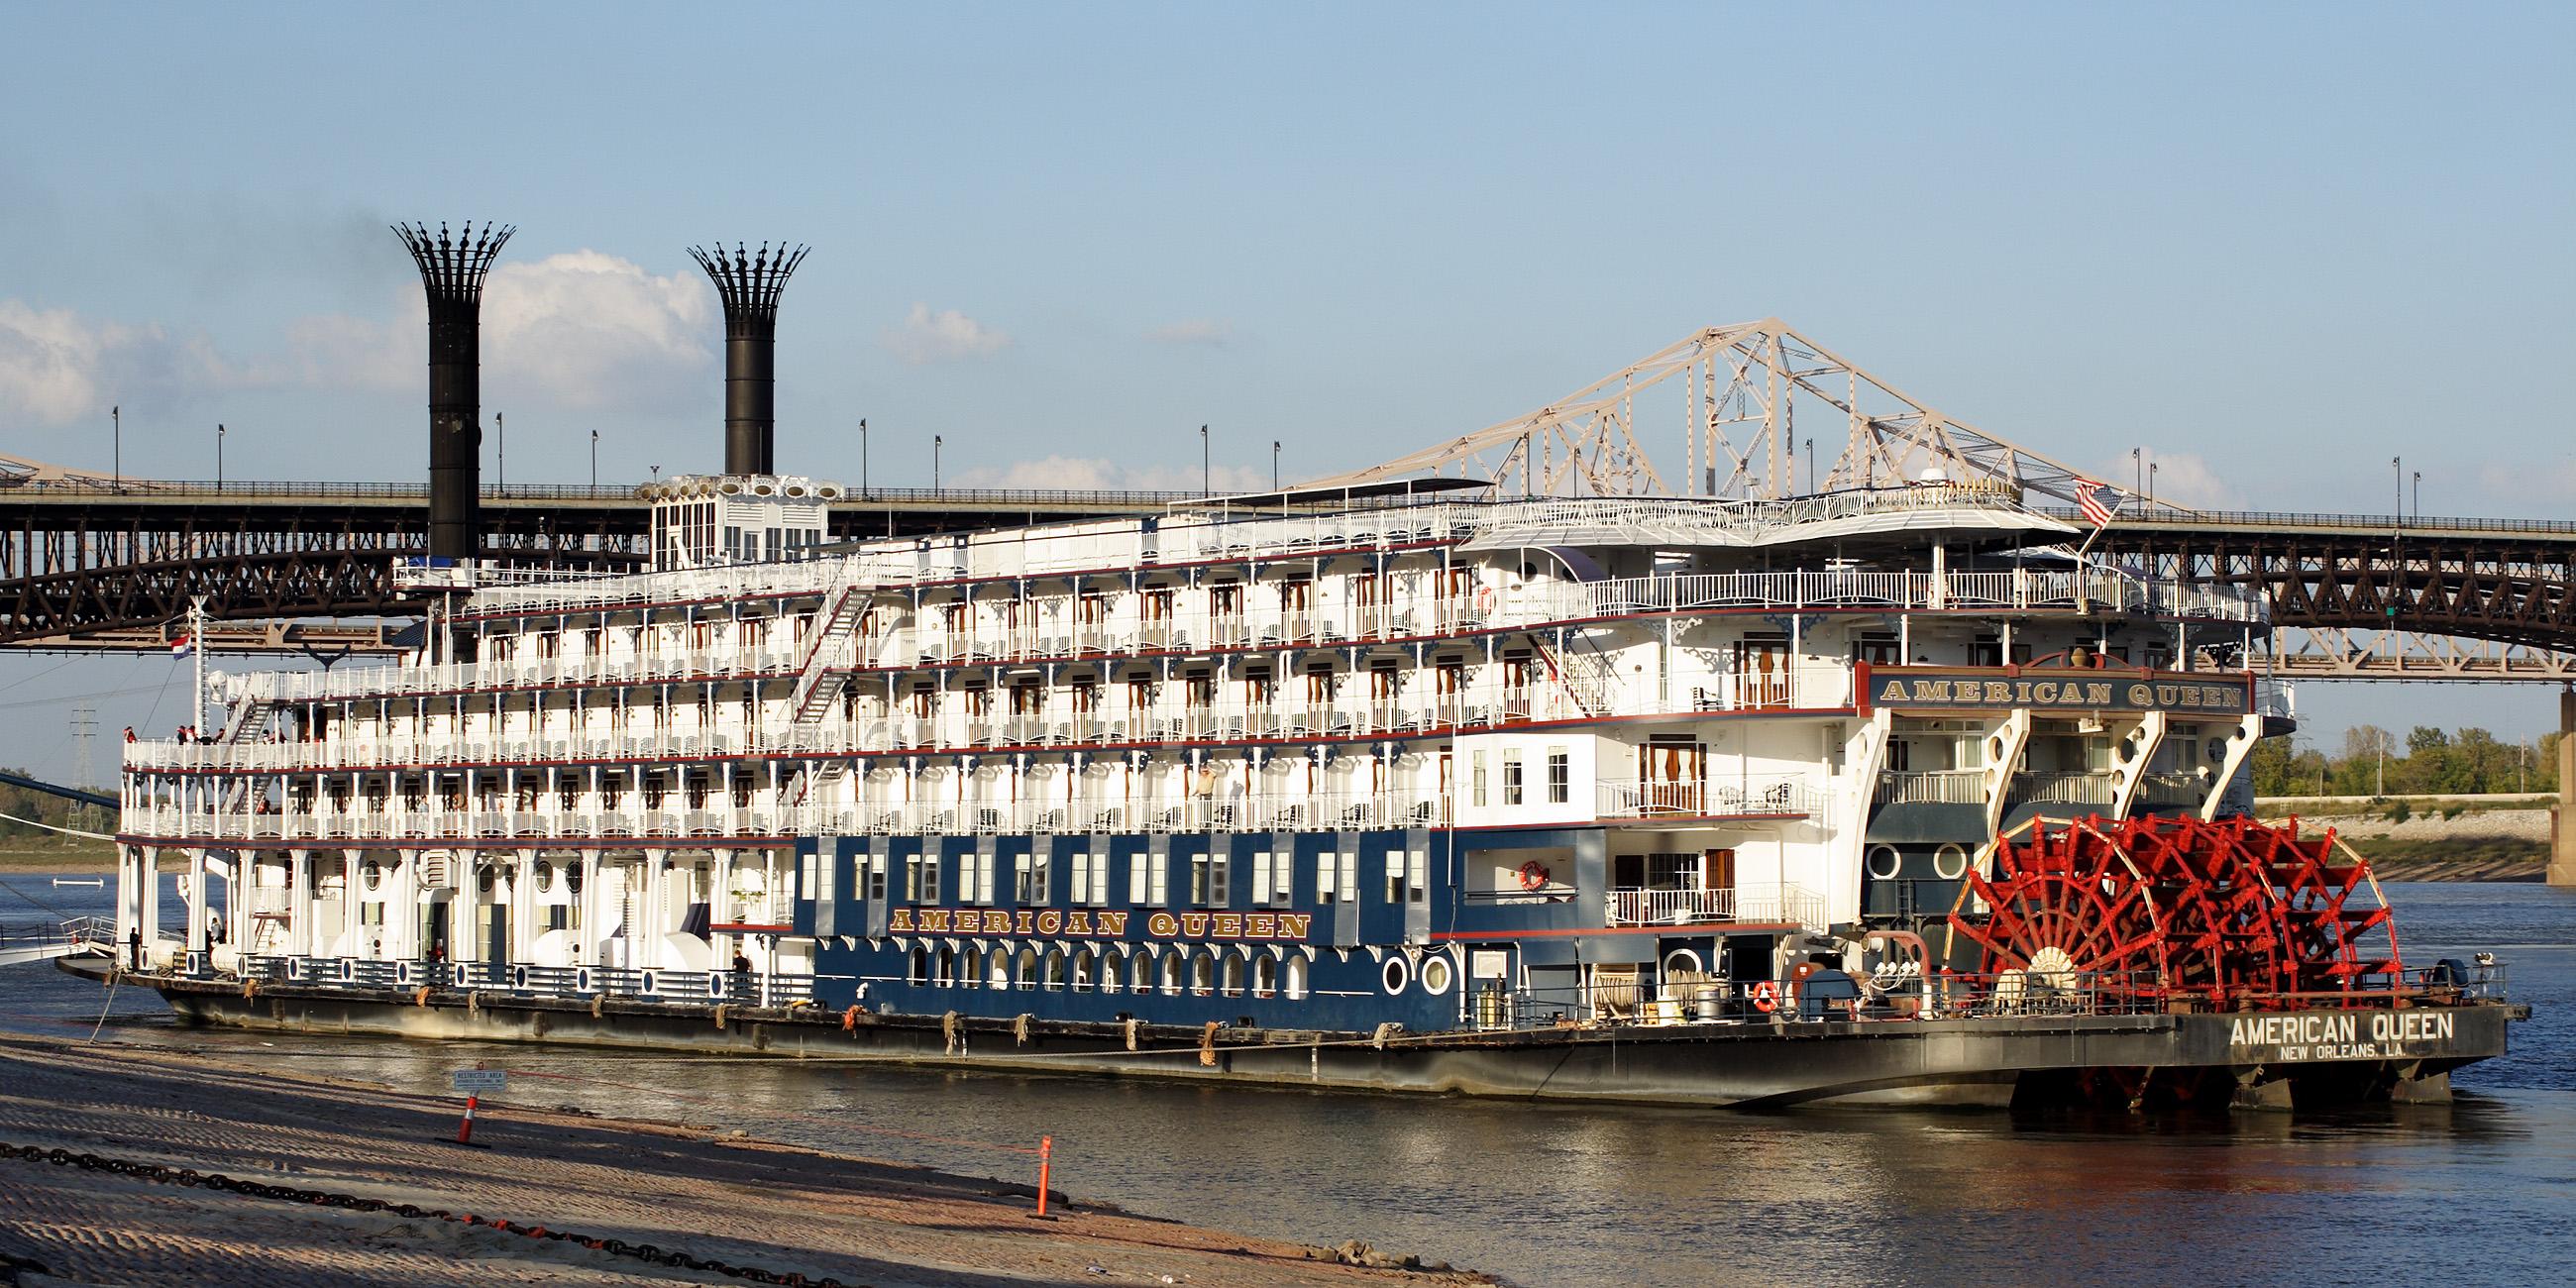 Casino boats in missouri 10